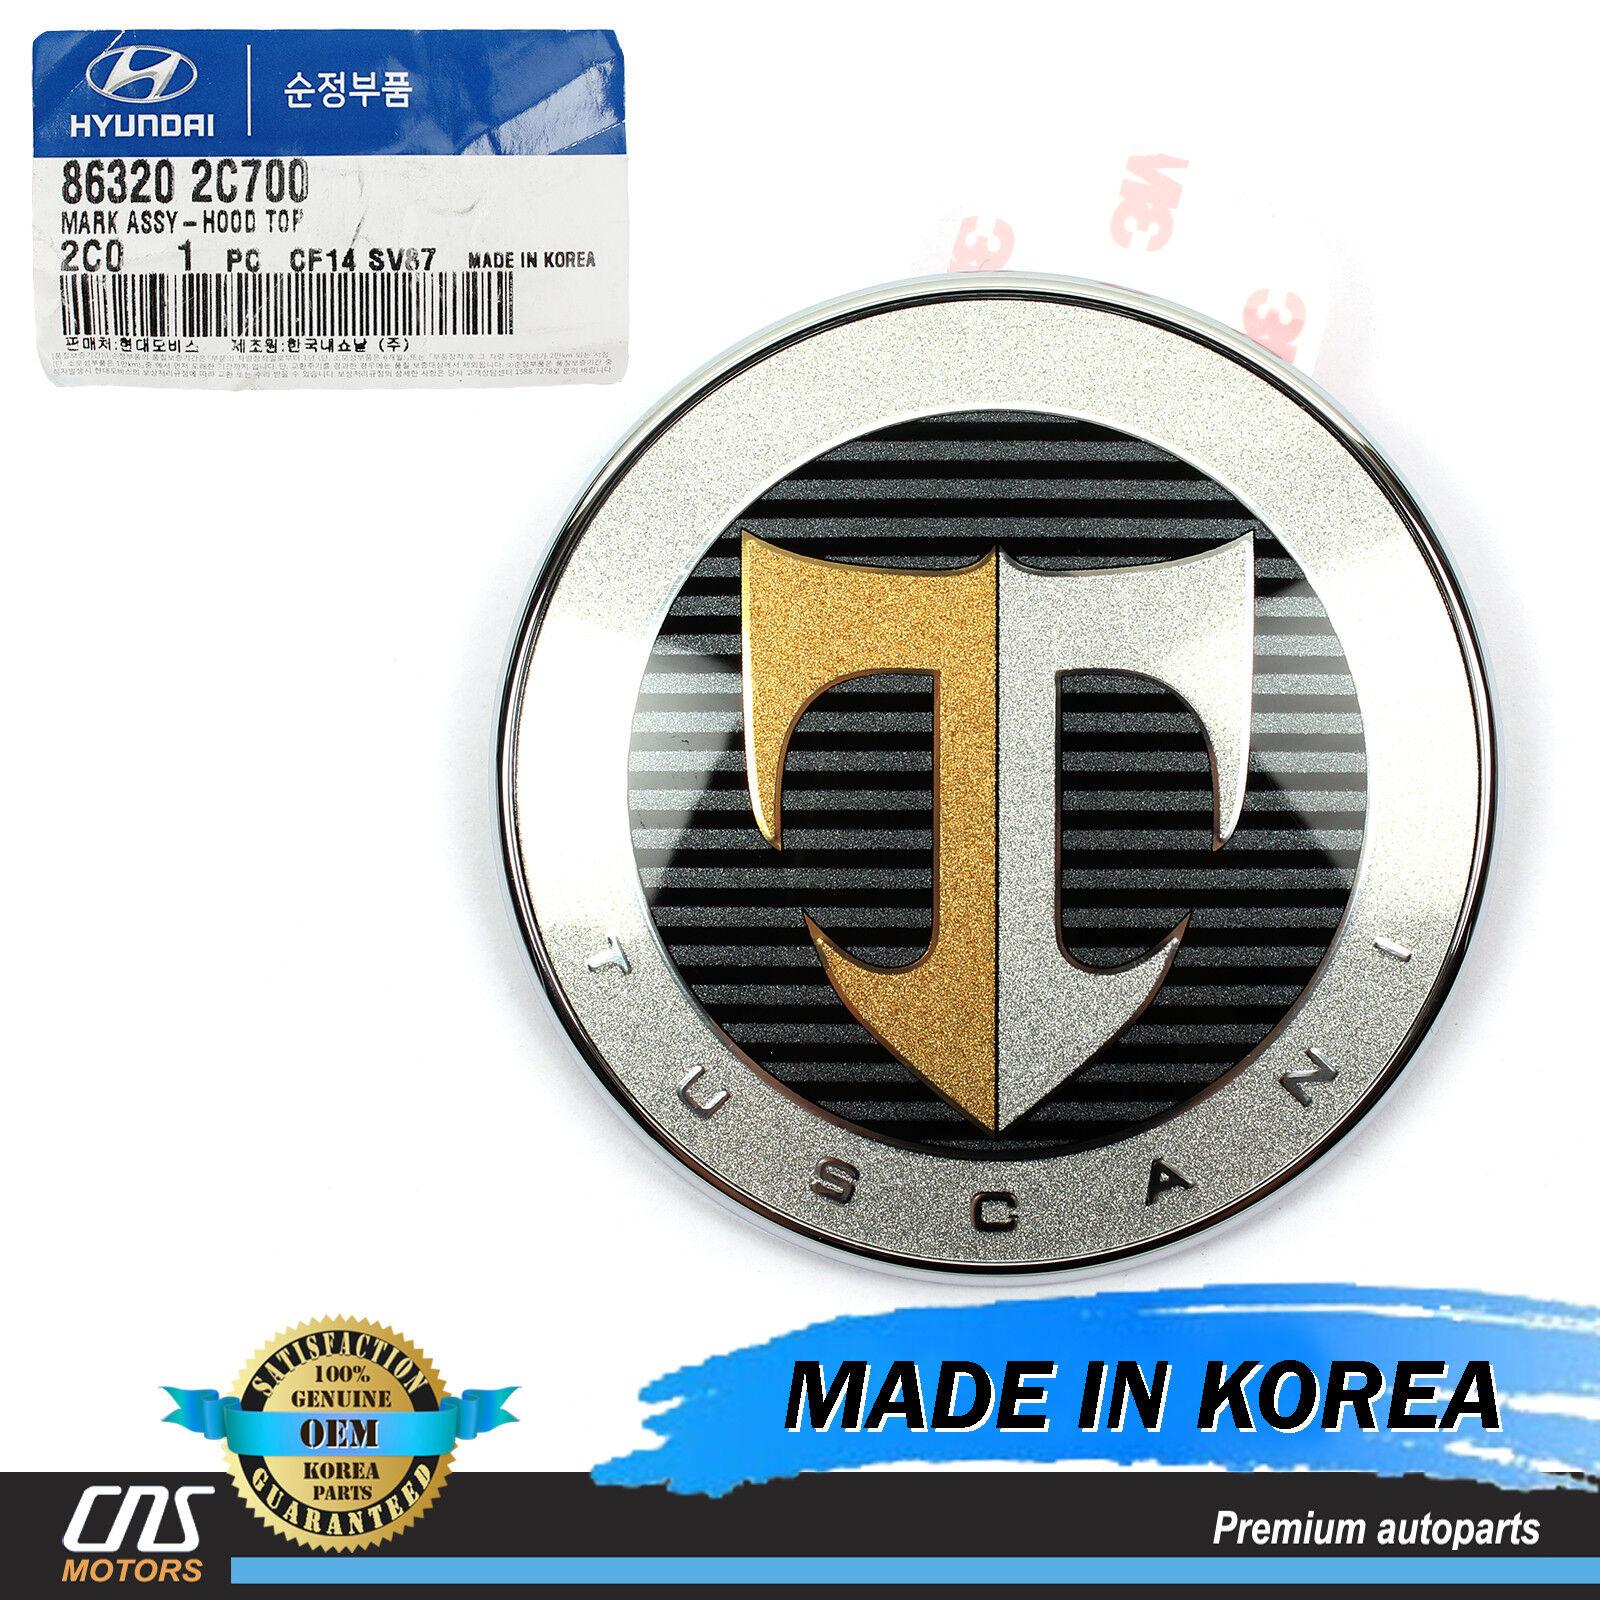 Genuine Top Hood Emblem For 2001 2008 Hyundai Tuscani Ebay